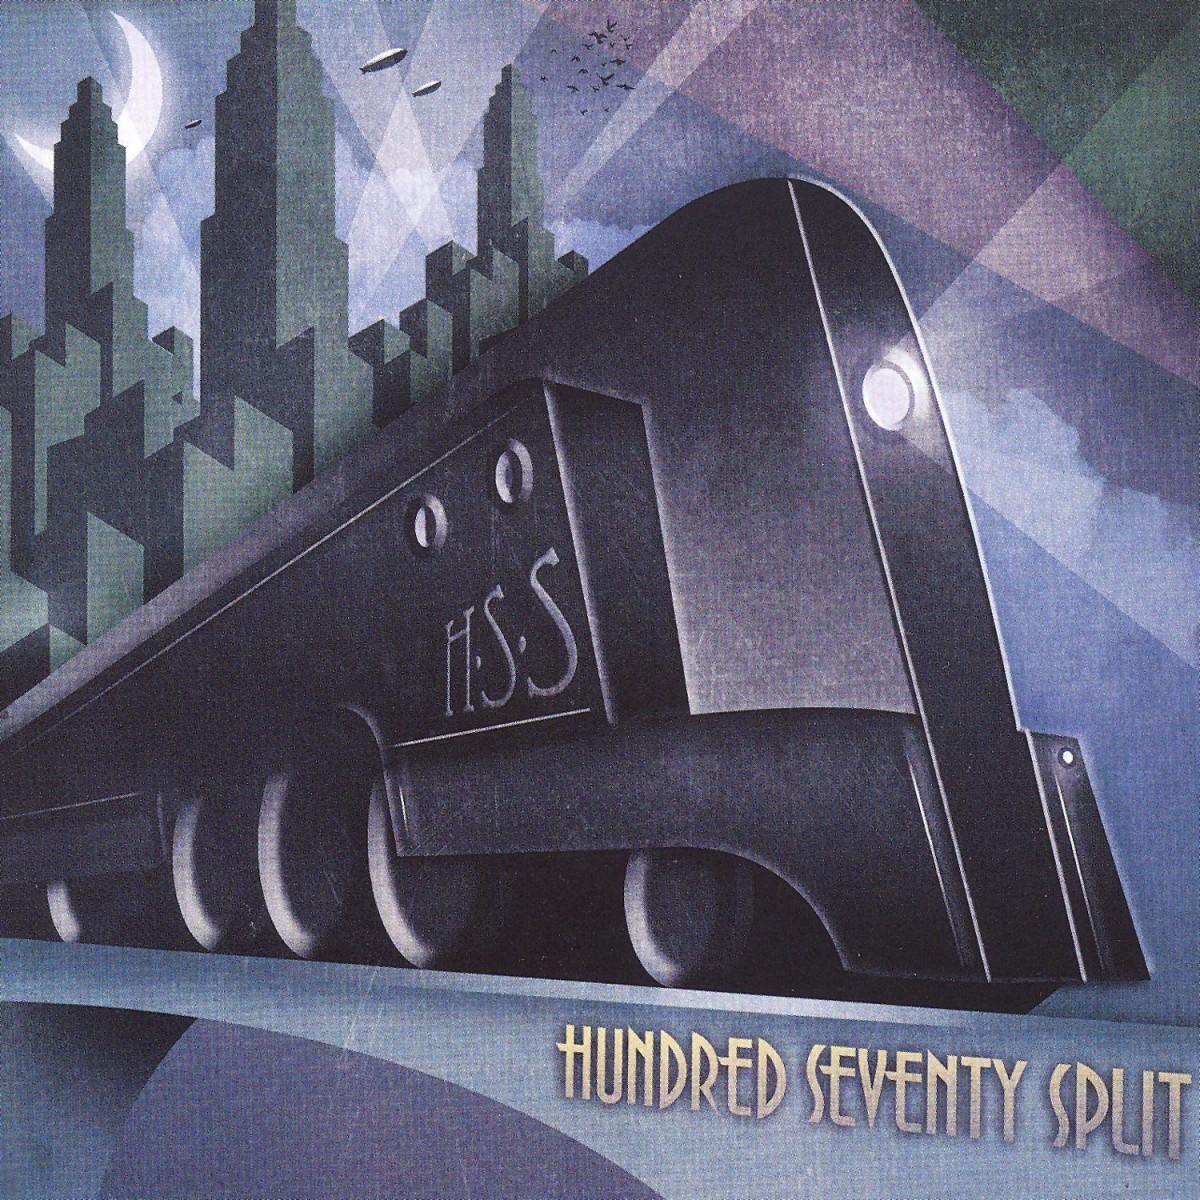 Hundred Seventy Split: HSS (2014)